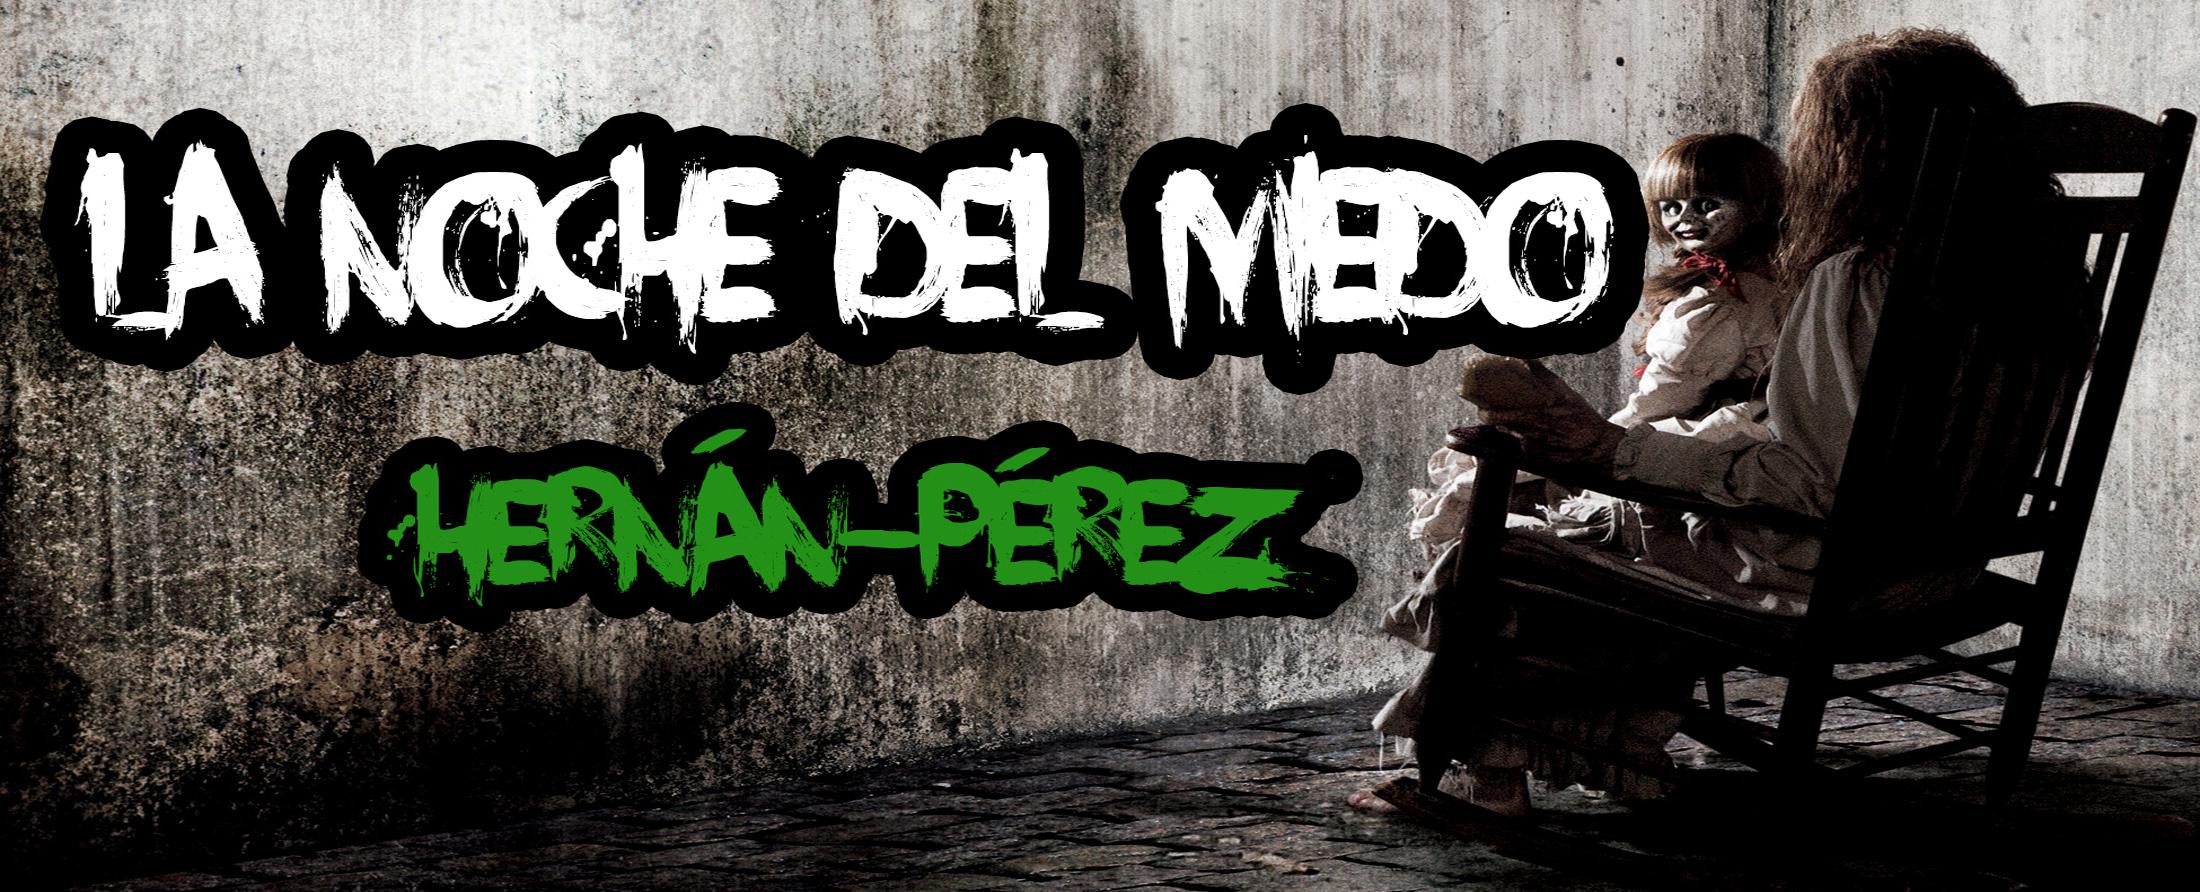 Gymkana terror, Hernán-Pérez